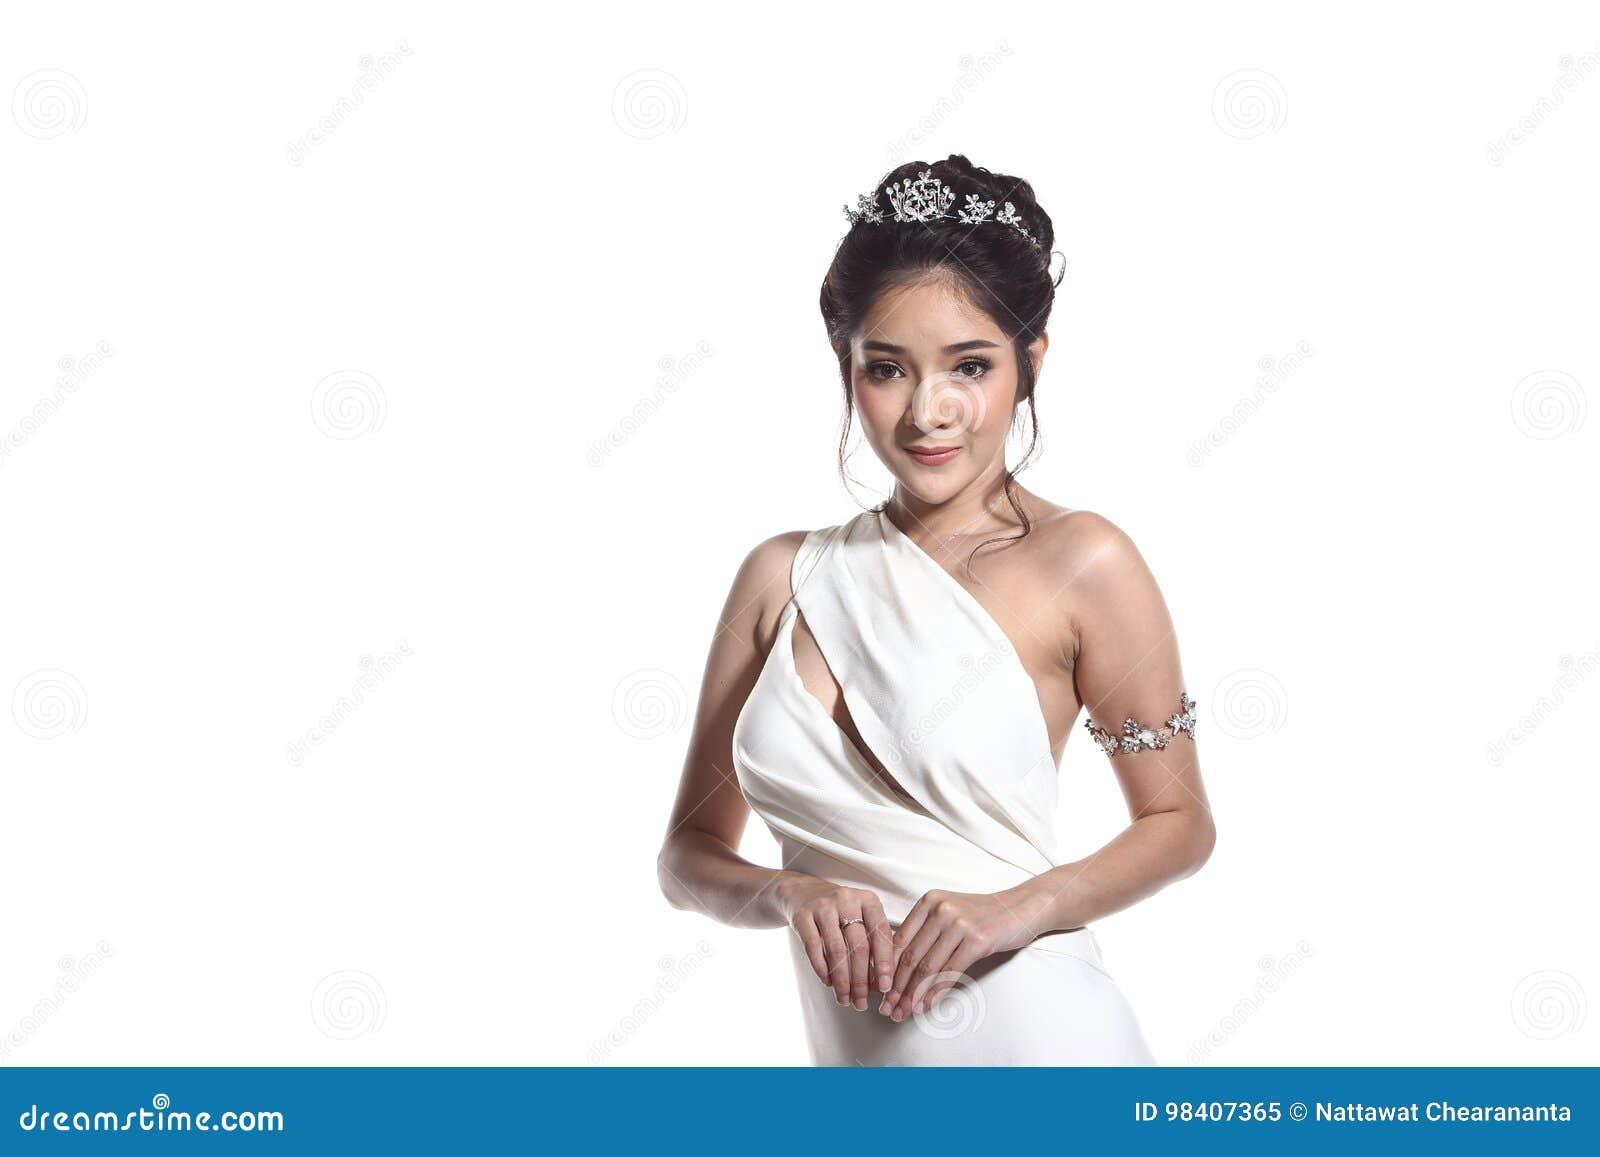 Klänning för boll för aftonkappa i asiatisk härlig kvinna med modemor